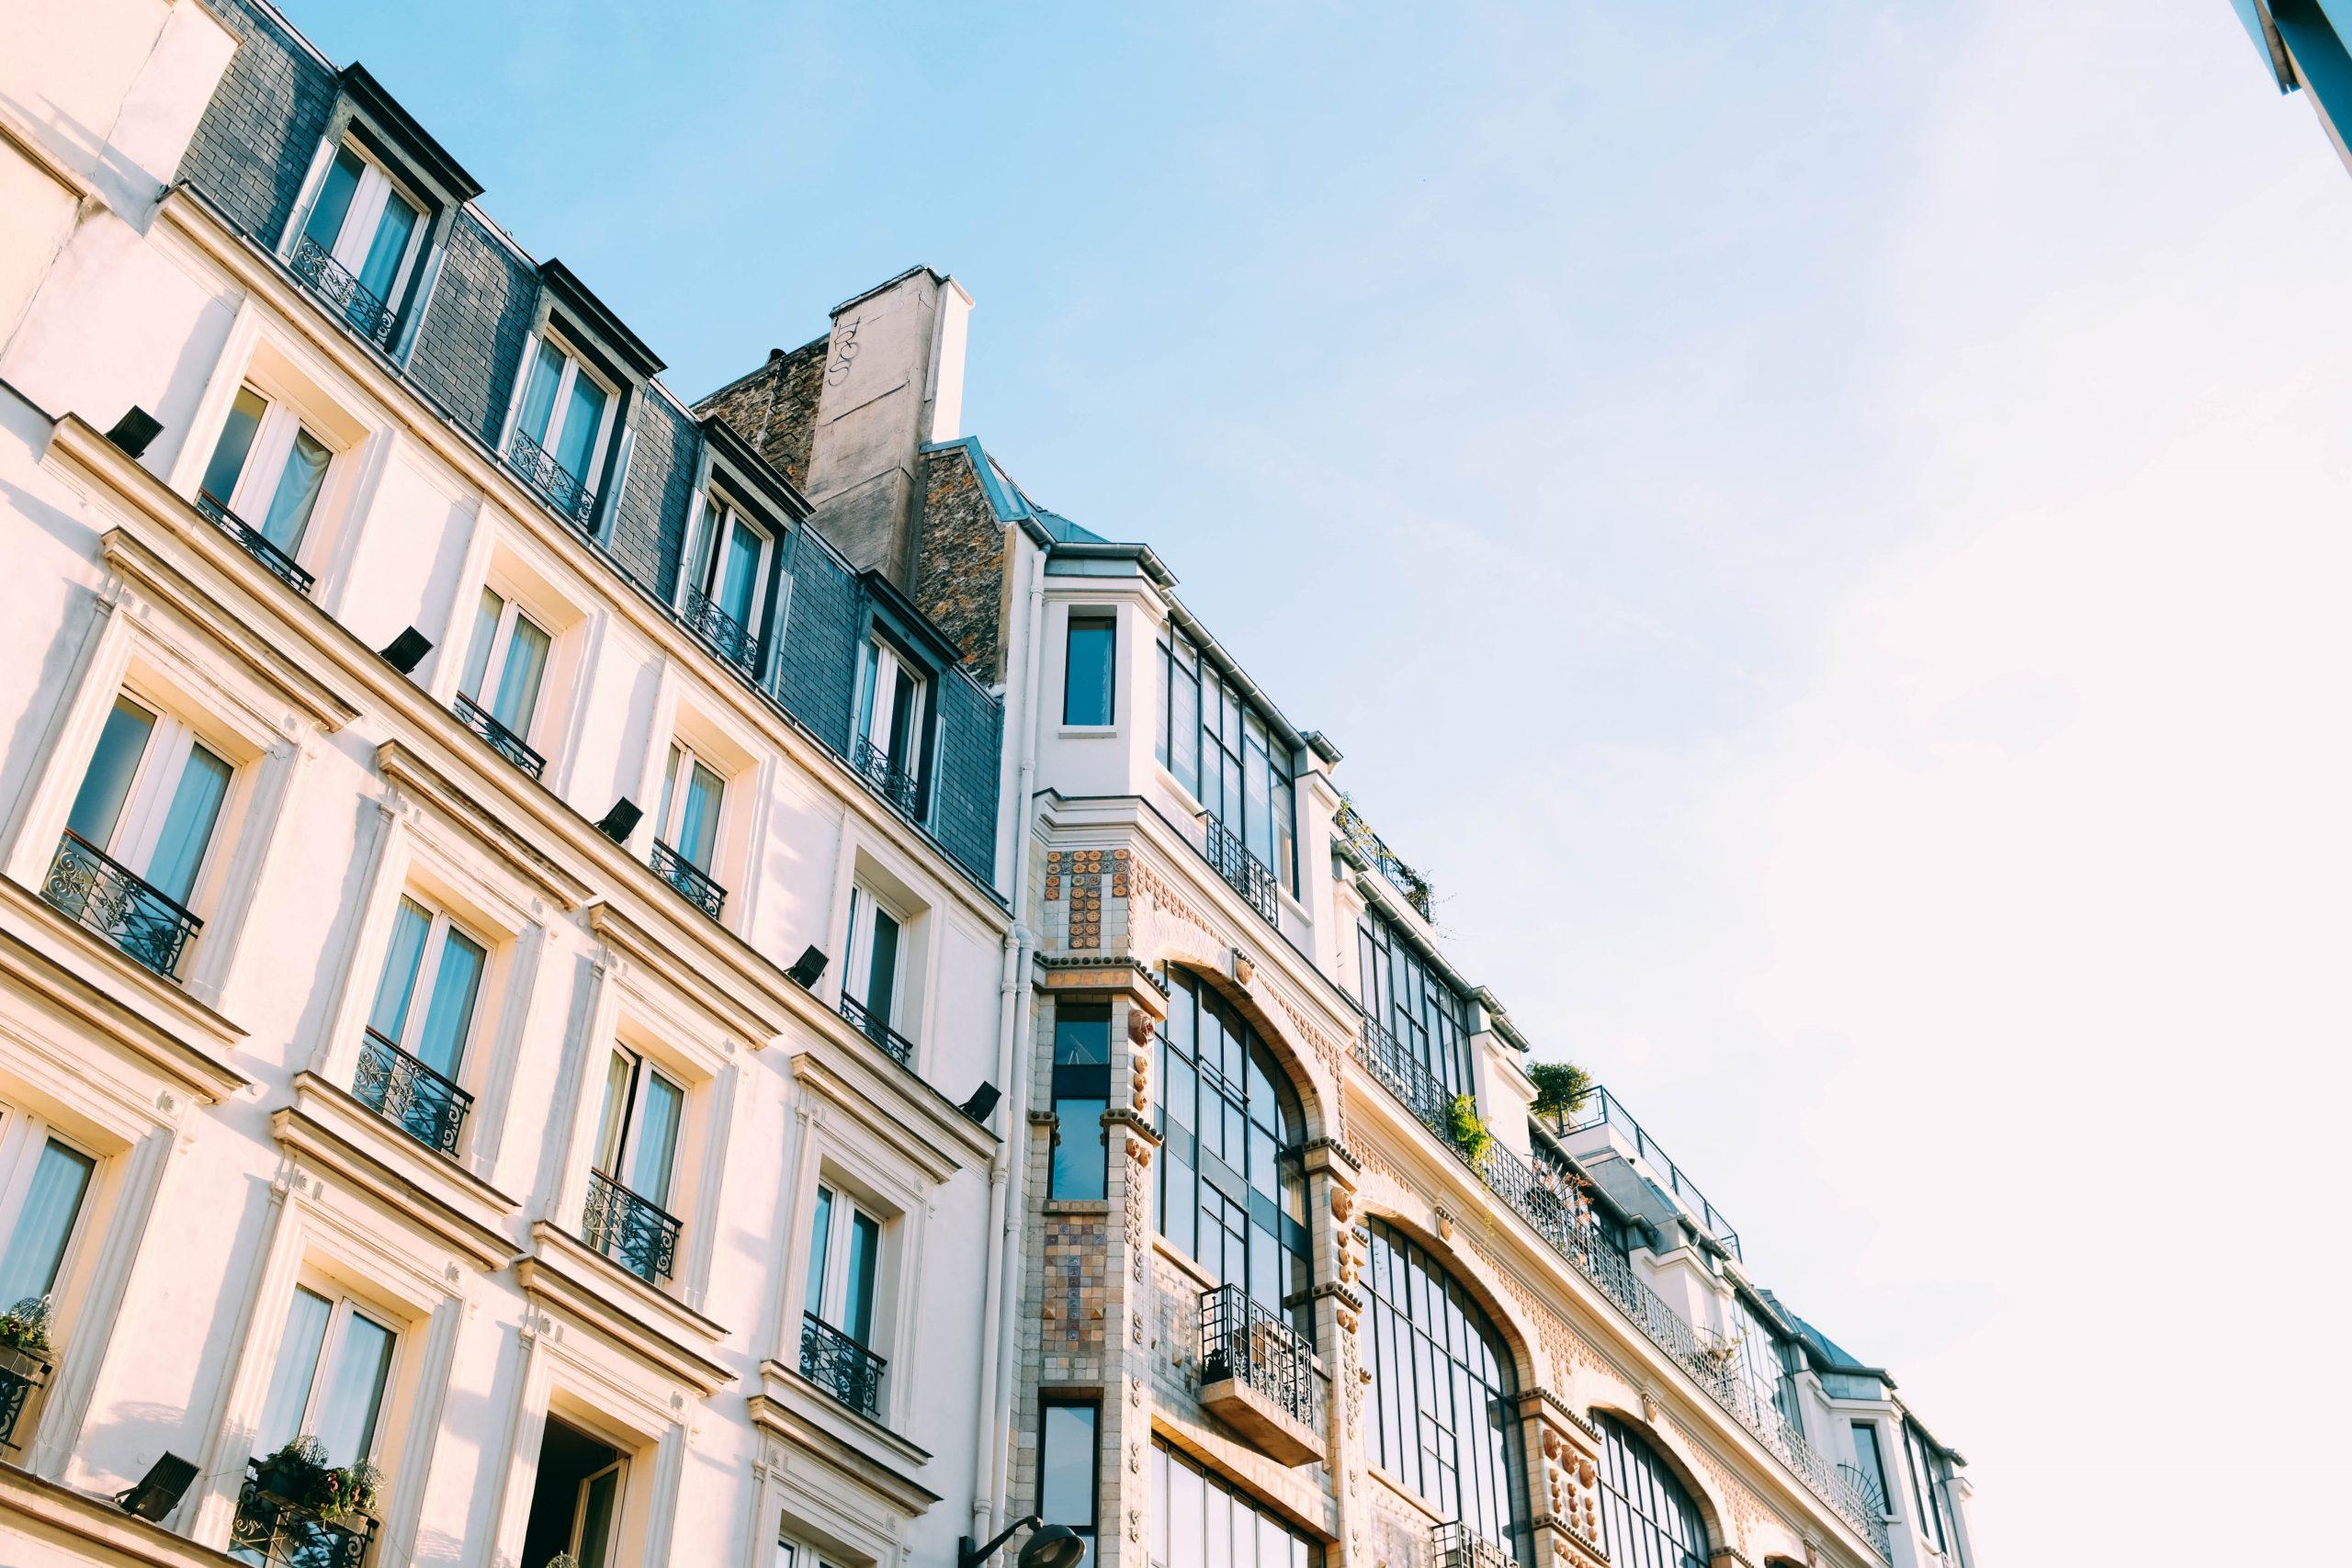 garanties en promotion immobilières, garanties de l'immobilier, vefa, vir, décennale, biennale, prêt, crowdfunding immobilier, promotion immobilière, vente de bien immobilier,